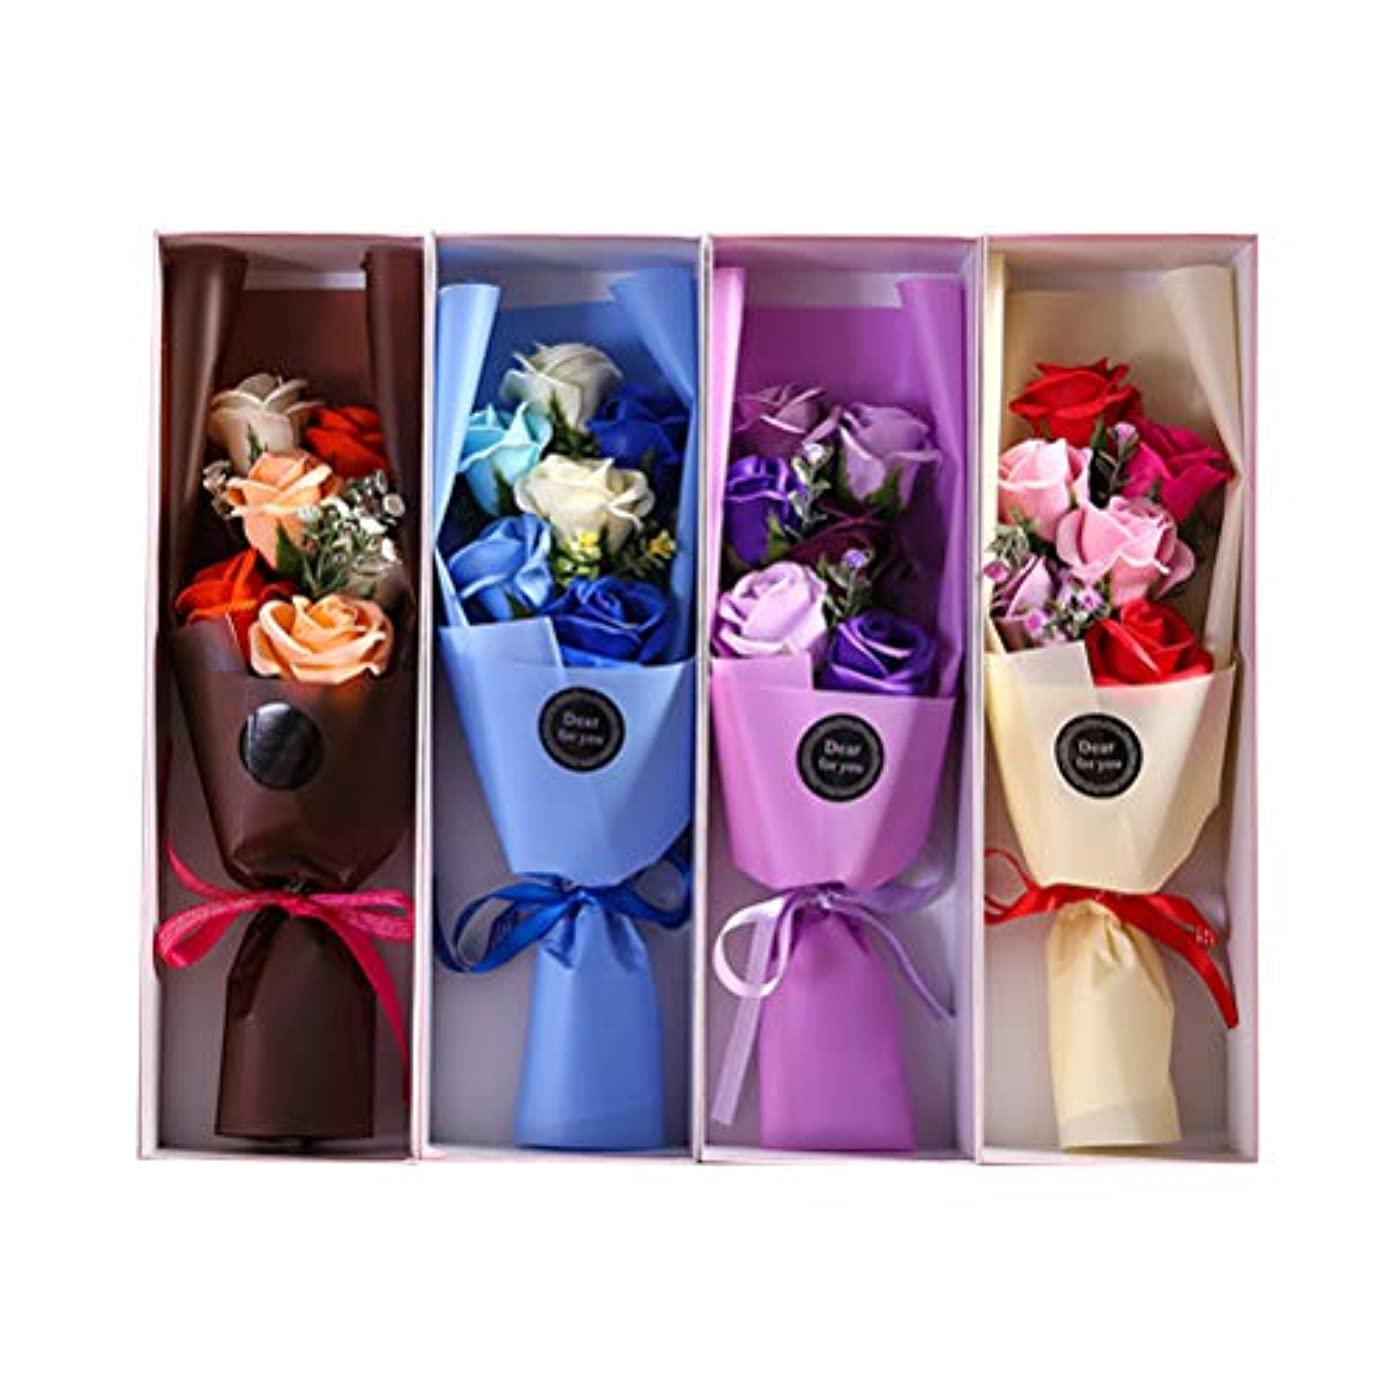 異議見る人差別化するBESTOYARD 6PCS石鹸の花びら人工石鹸の花のバラのギフトボックスカップルバレンタインデーのプレゼント(ランダムカラー)